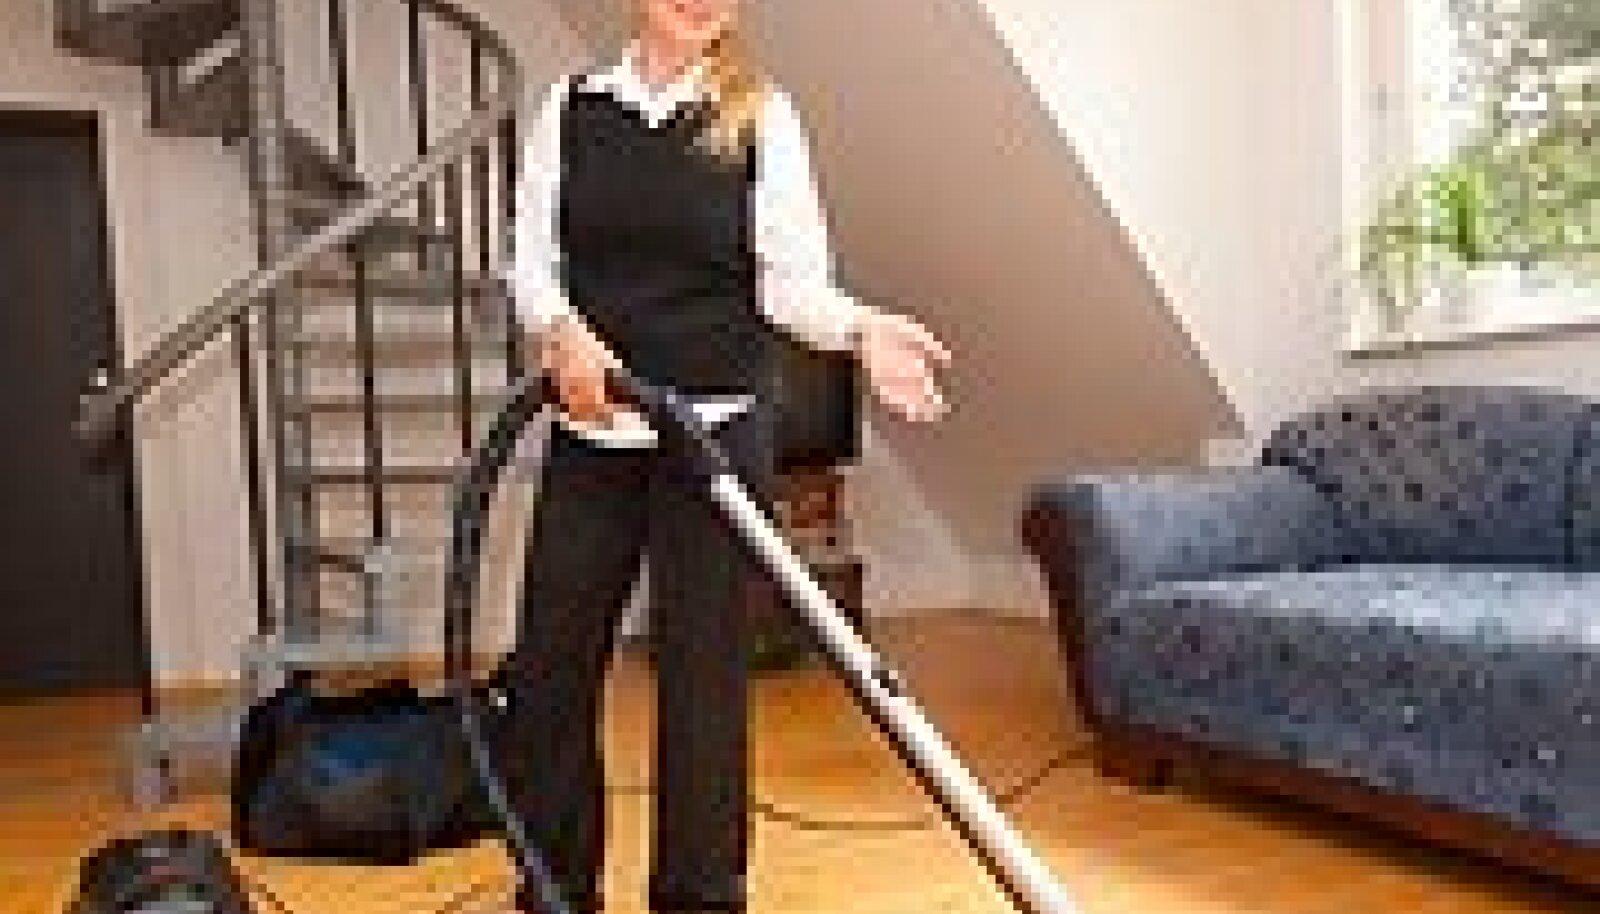 Lihtne küsimus: Kas sa puhastad ajaviiteks või et oleks puhas, uurib Kerli.